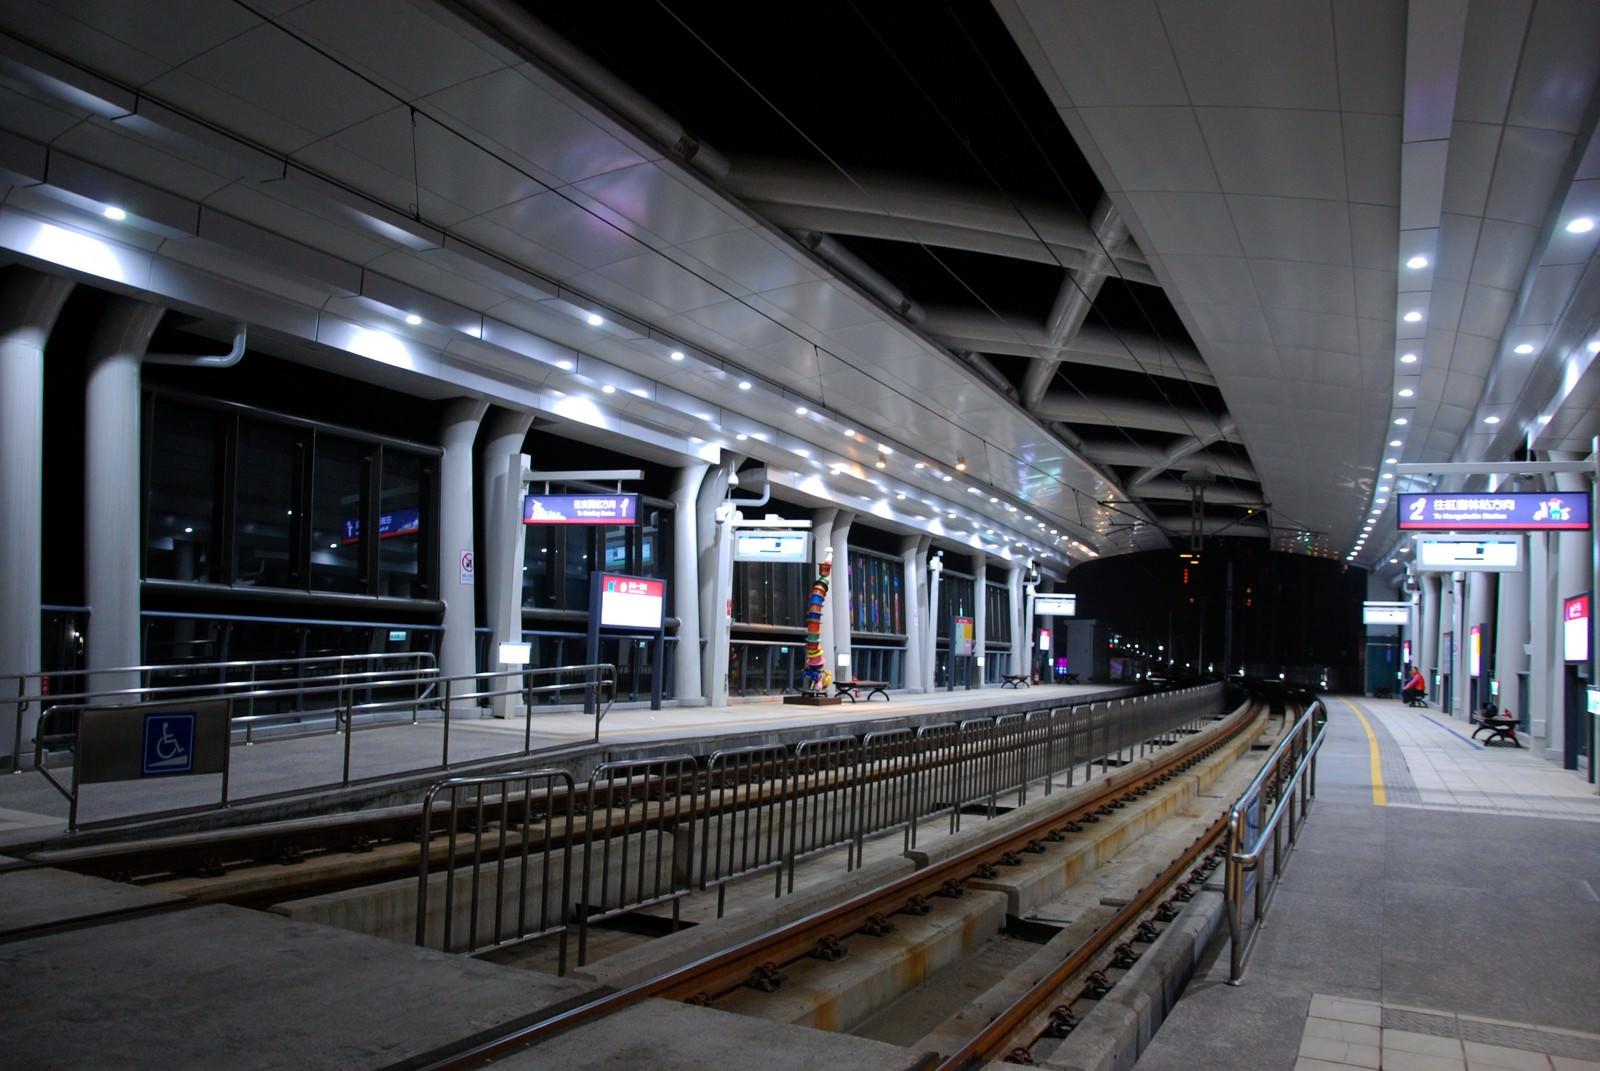 淡海輕軌綠山線, 輕軌新市一路站, 月台